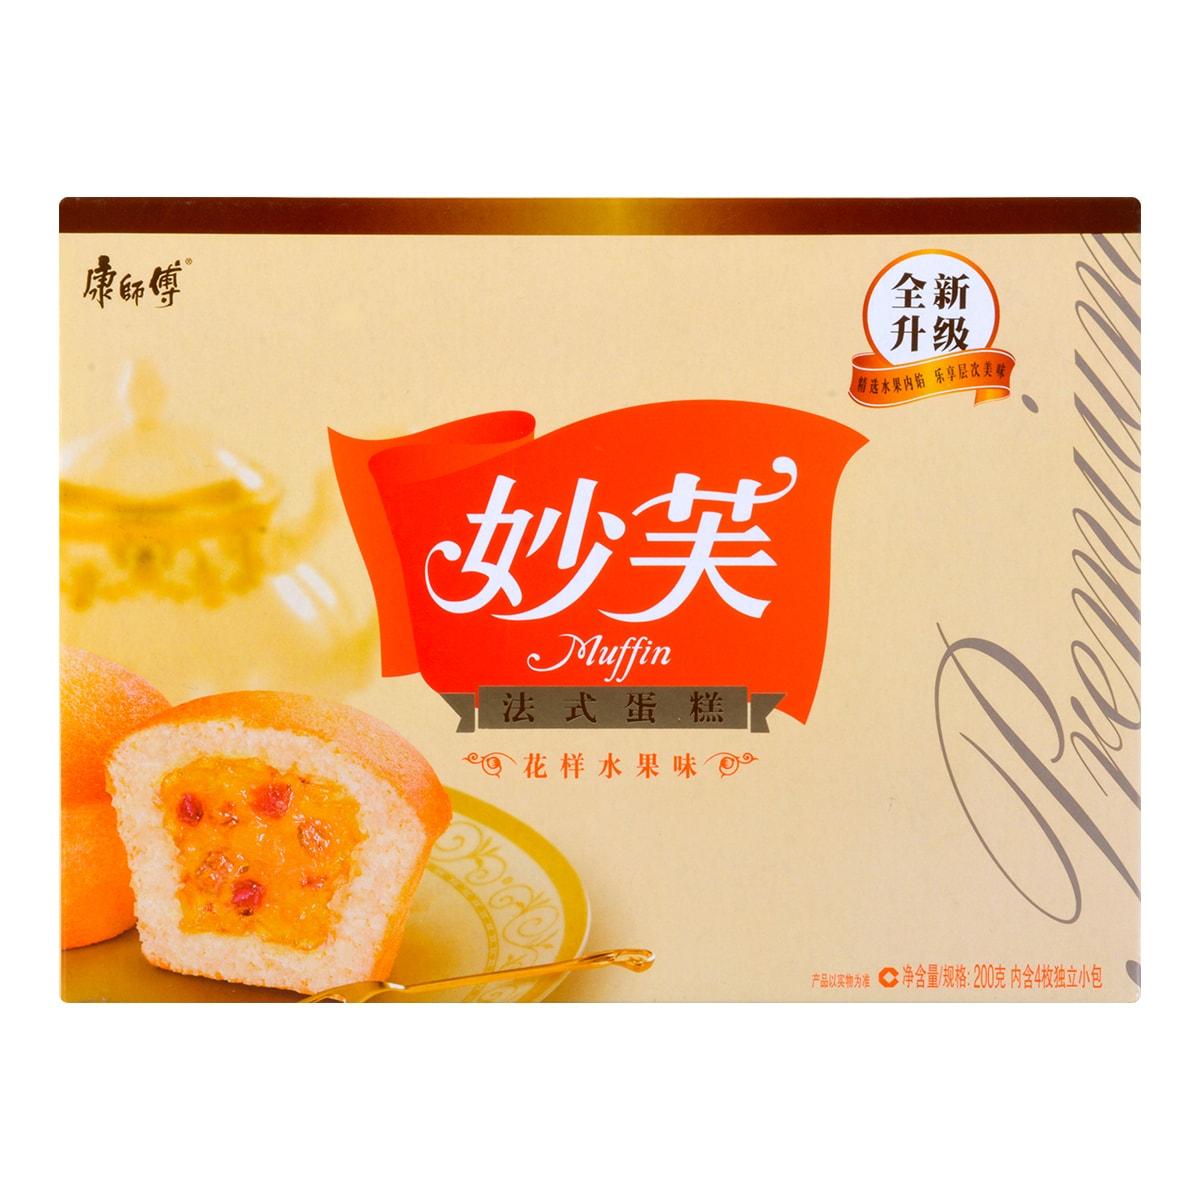 康师傅 妙芙法式蛋糕 花样水果味 200g